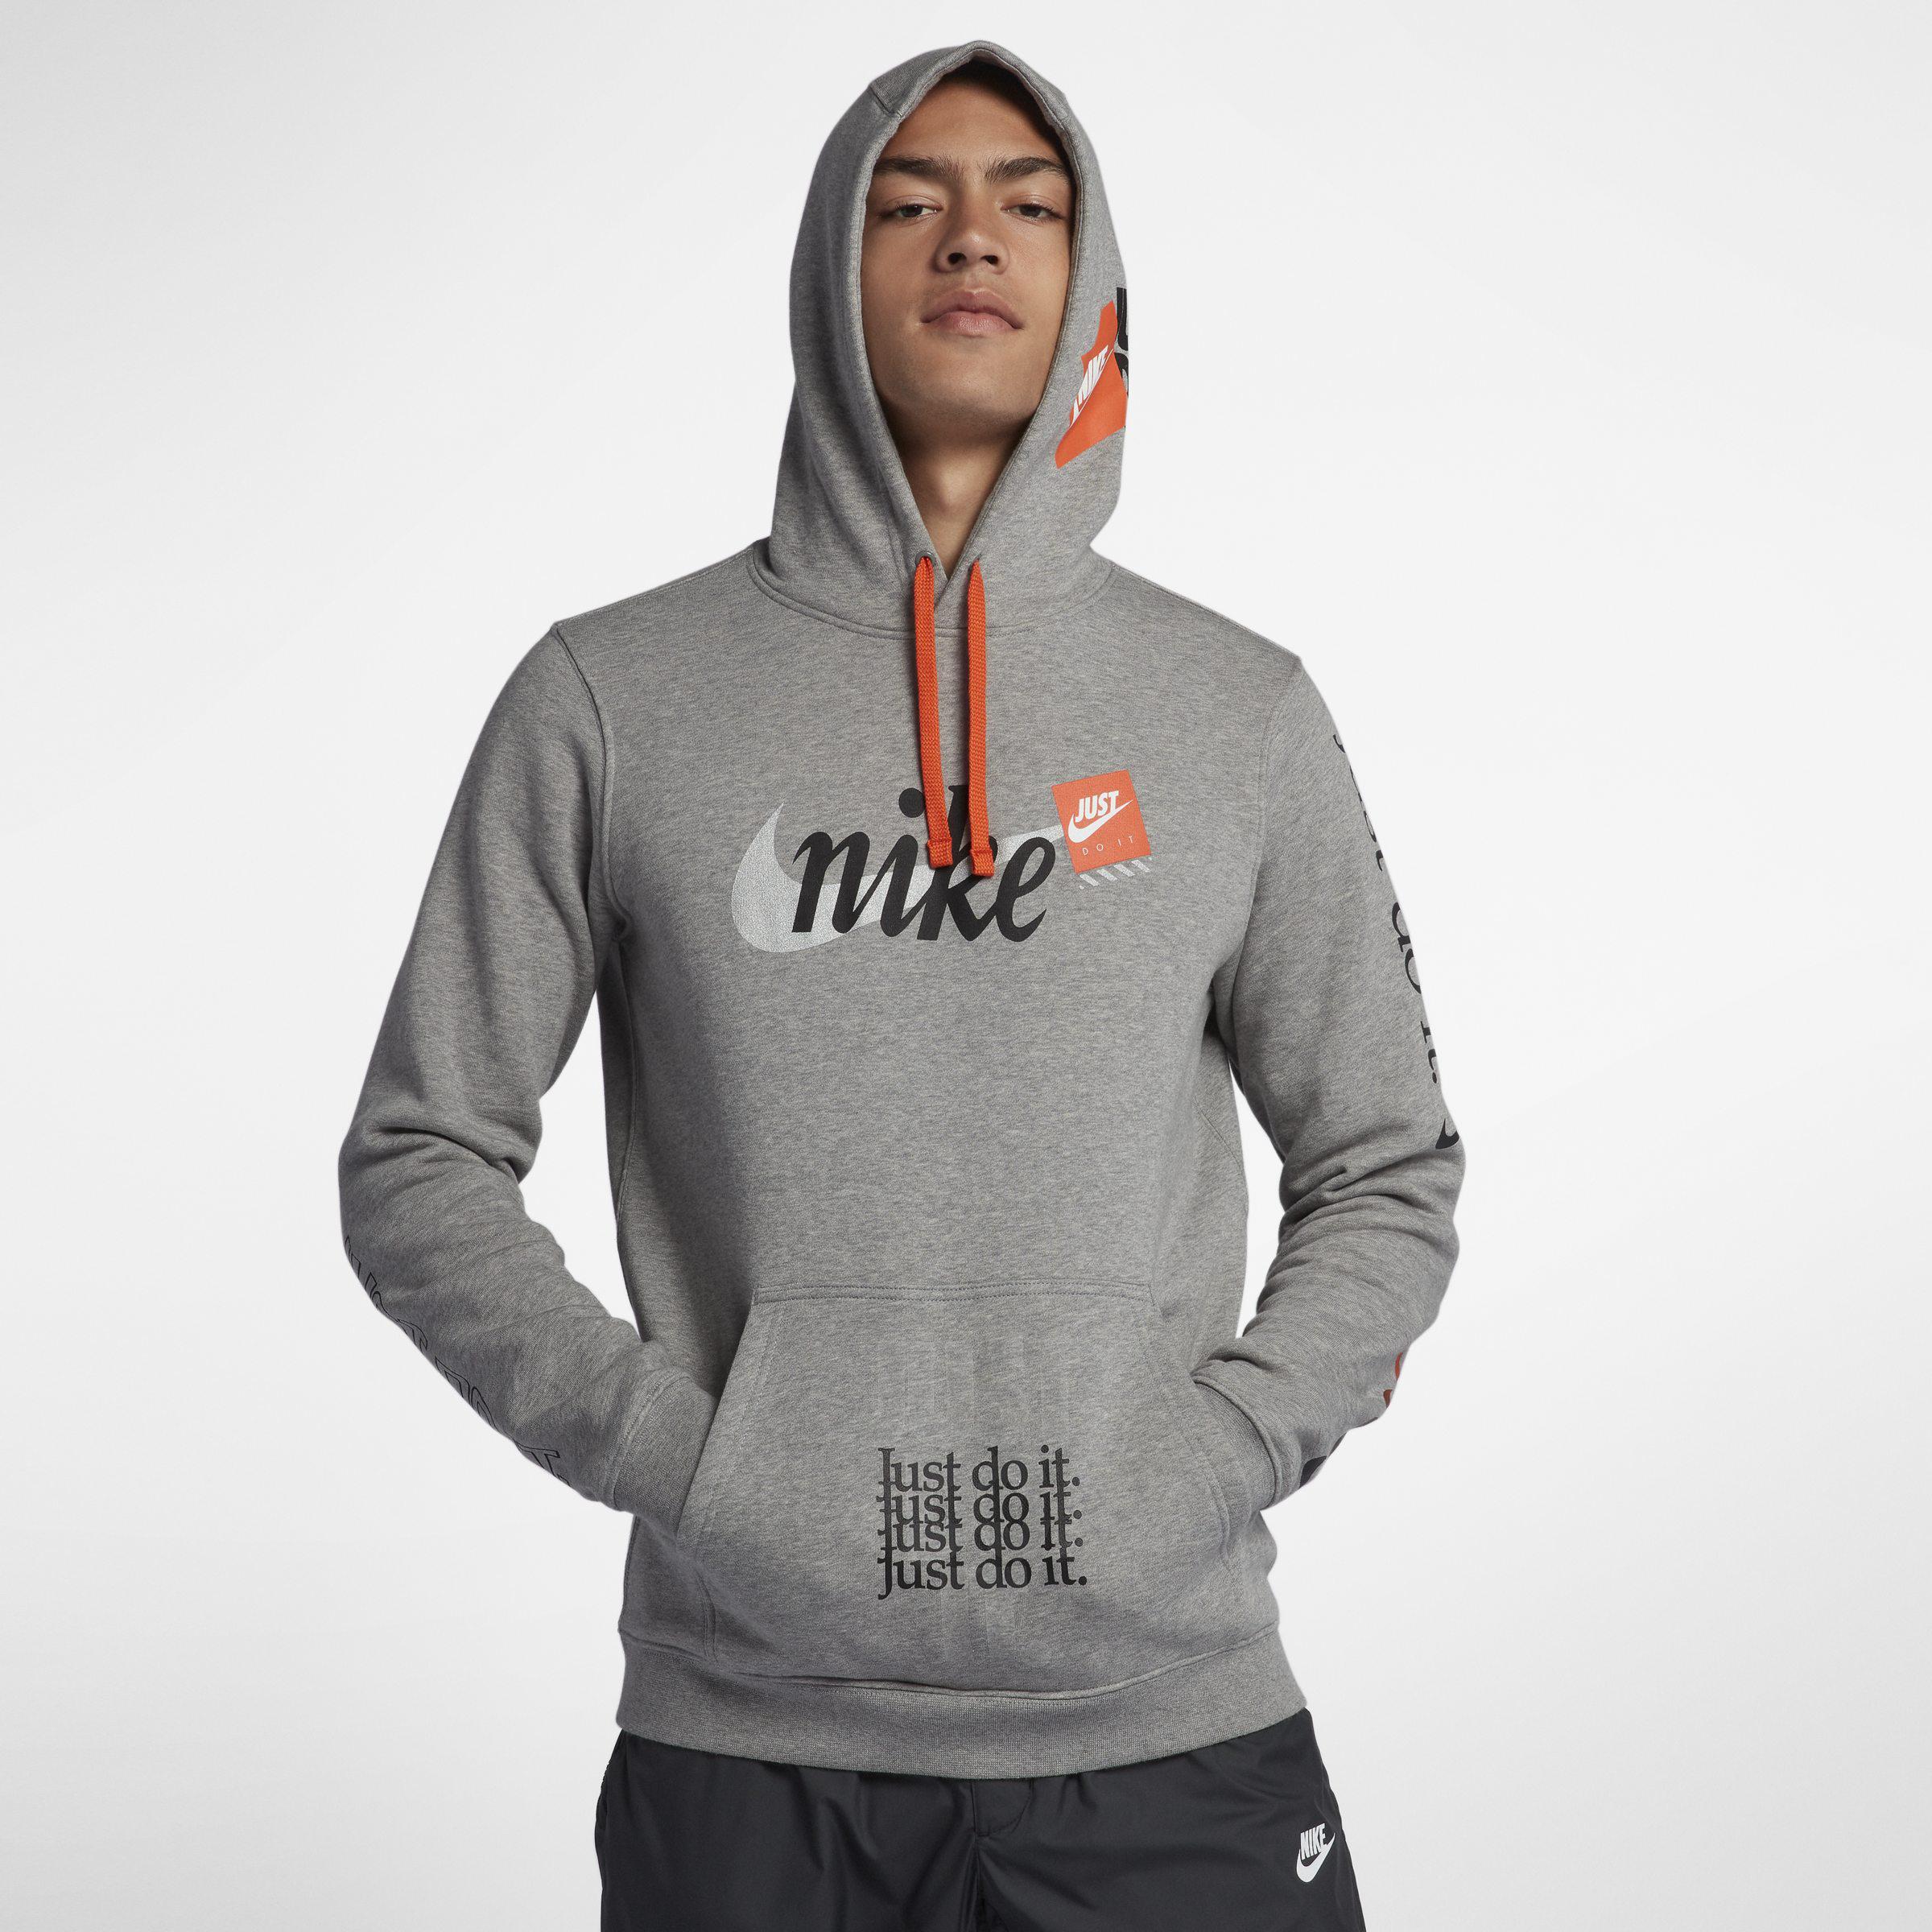 a337ff3f0 Nike Sportswear Club Fleece Jdi Pullover Hoodie in Gray for Men - Lyst